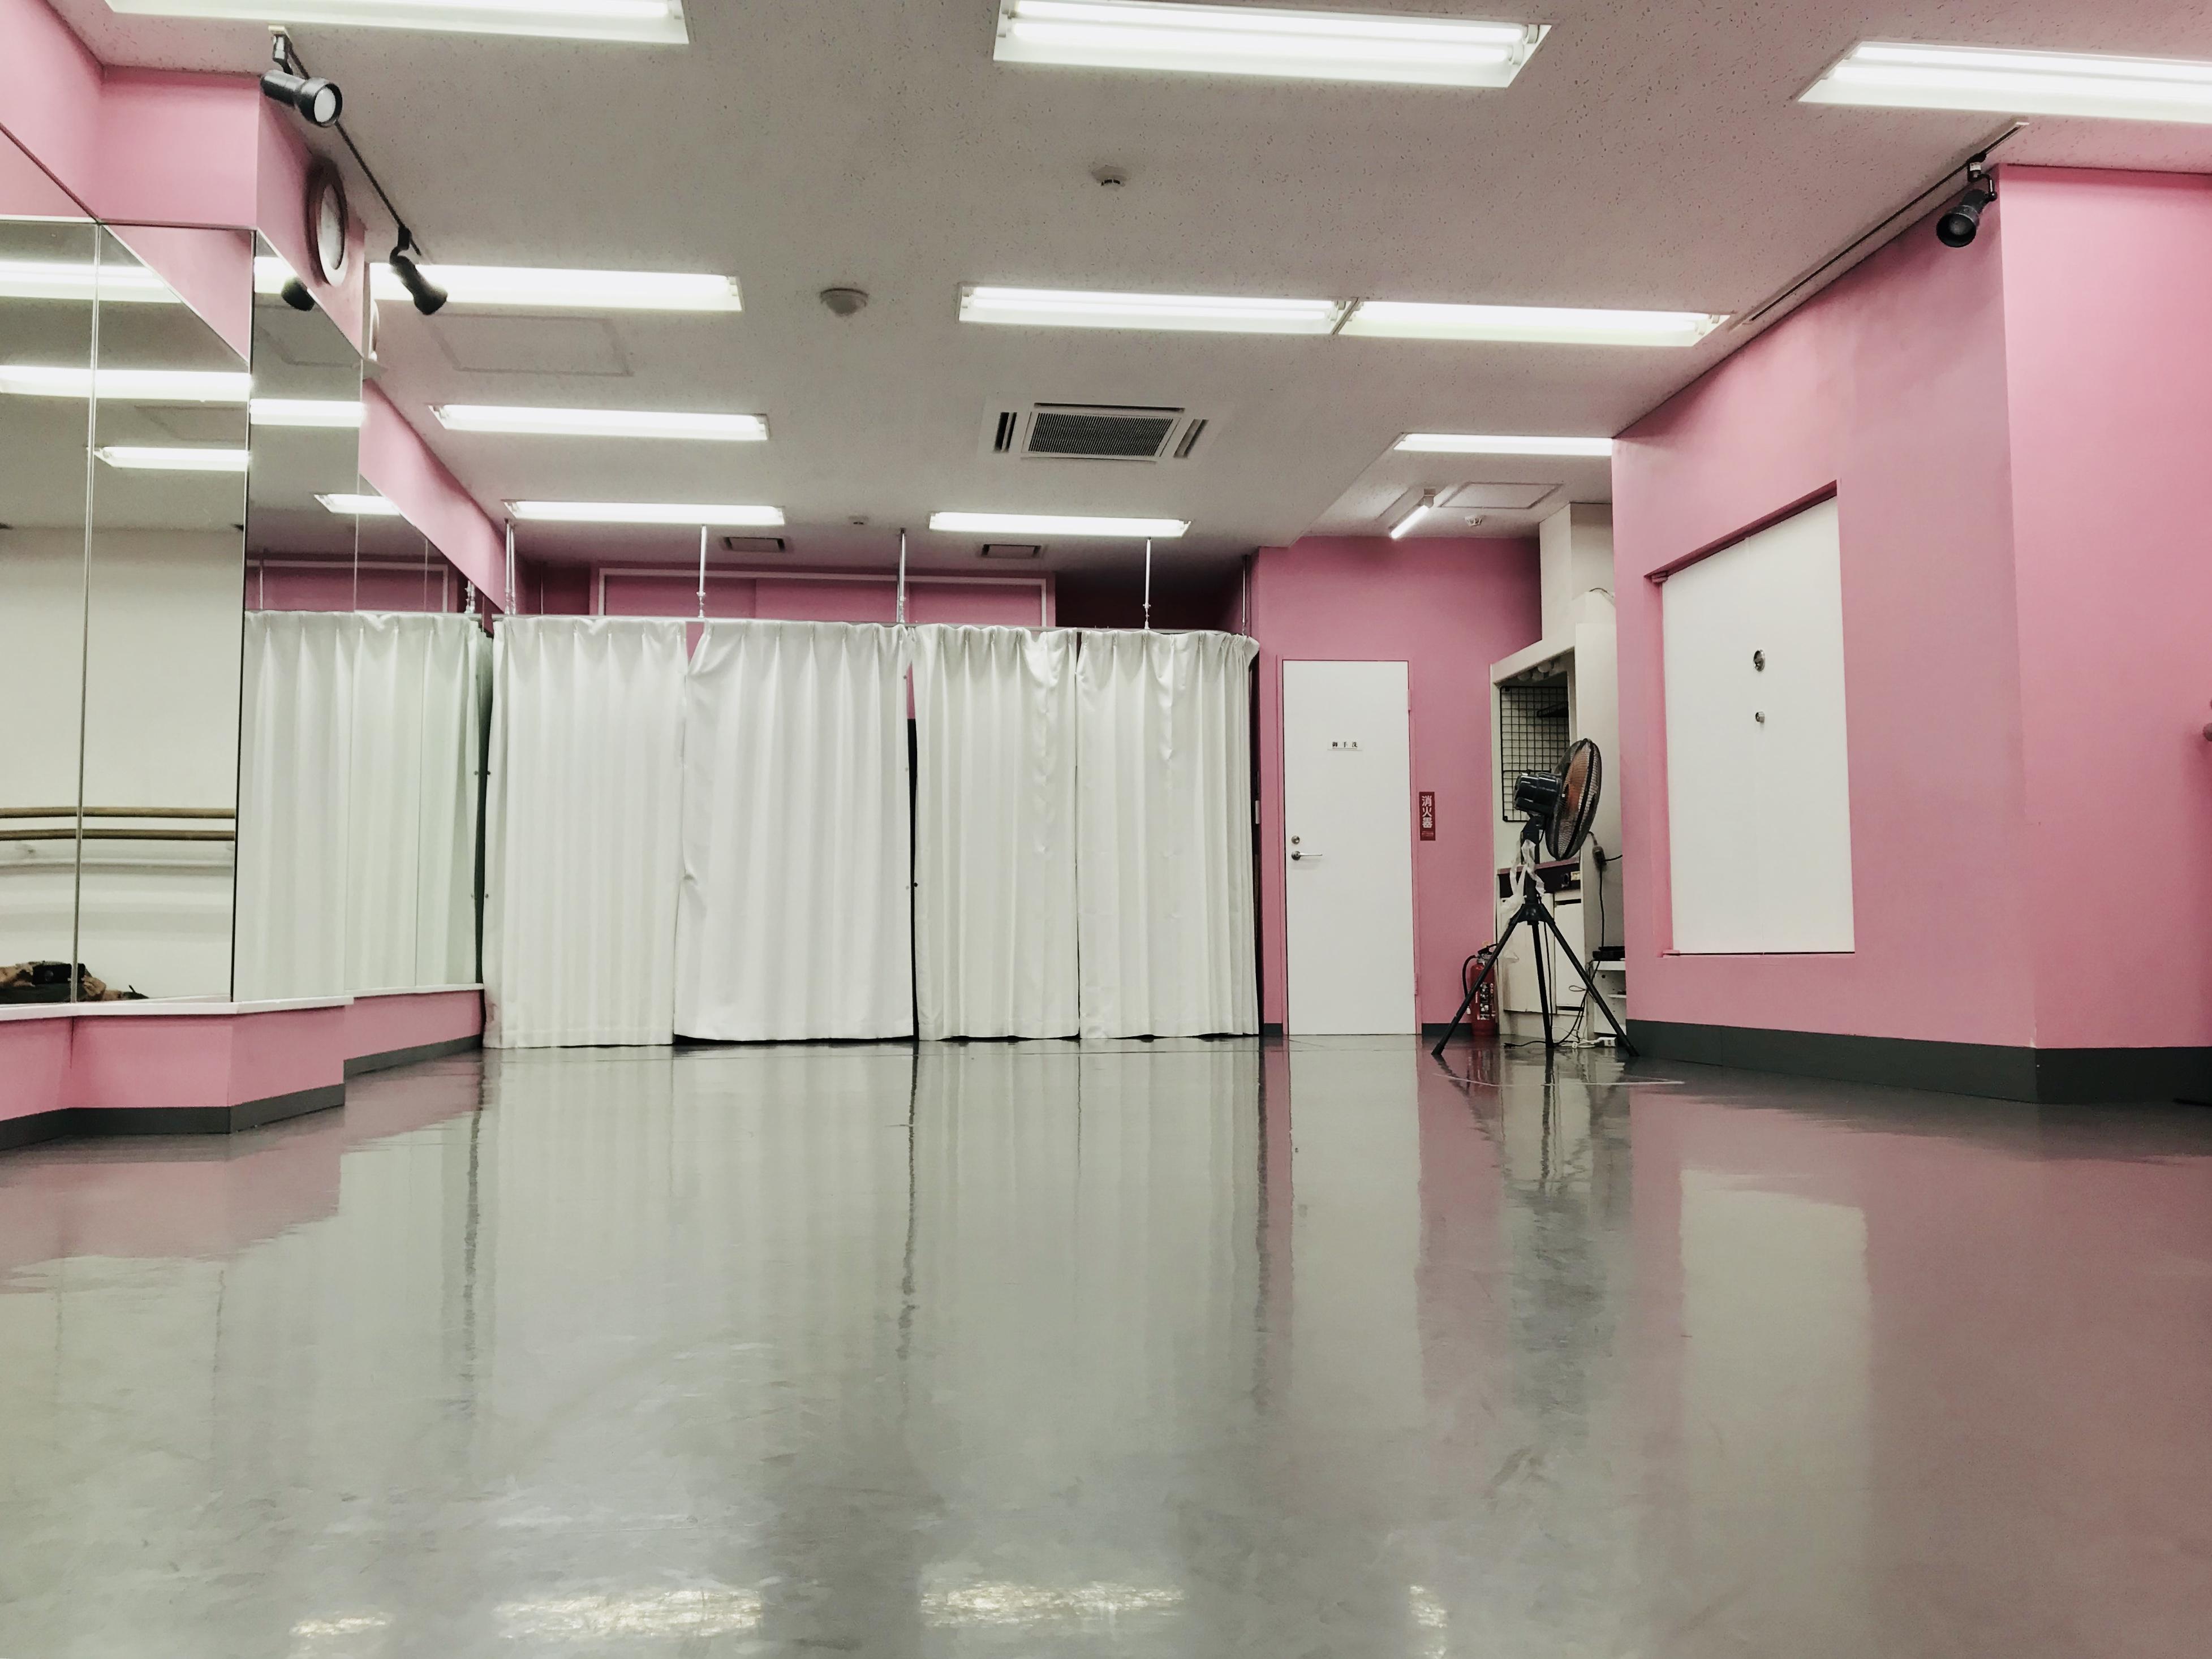 千代田区 秋葉原の貸しレンタルダンススタジオ ブルーハススタジオ 右6